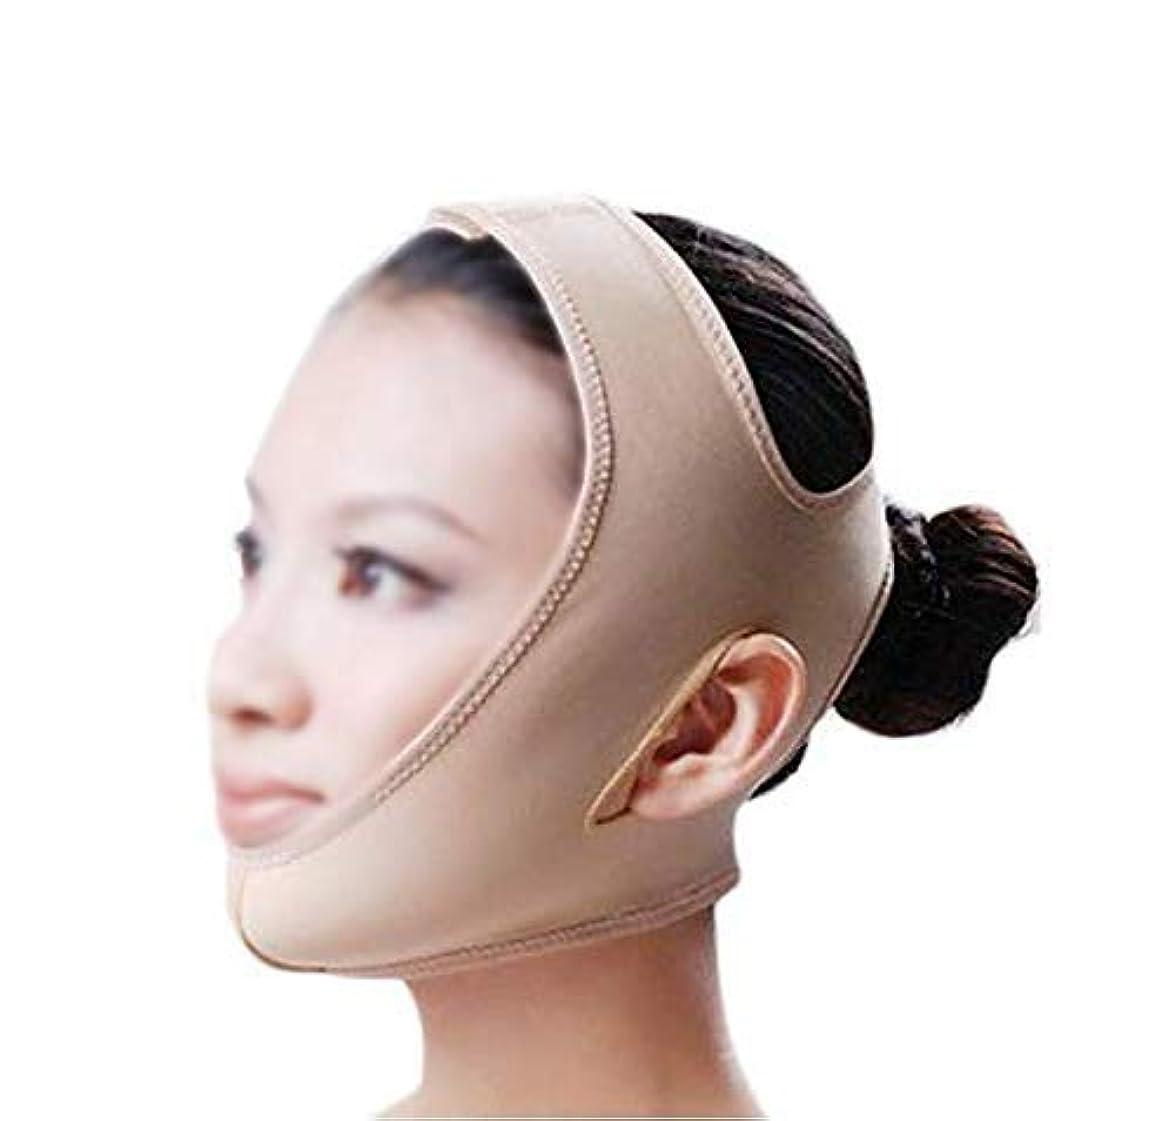 ファーミングフェイスマスク、マスクフェイスマスク美容医学フェイスマスク美容Vフェイス包帯ライン彫刻リフティングファーミングダブルチンマスク(サイズ:S),M